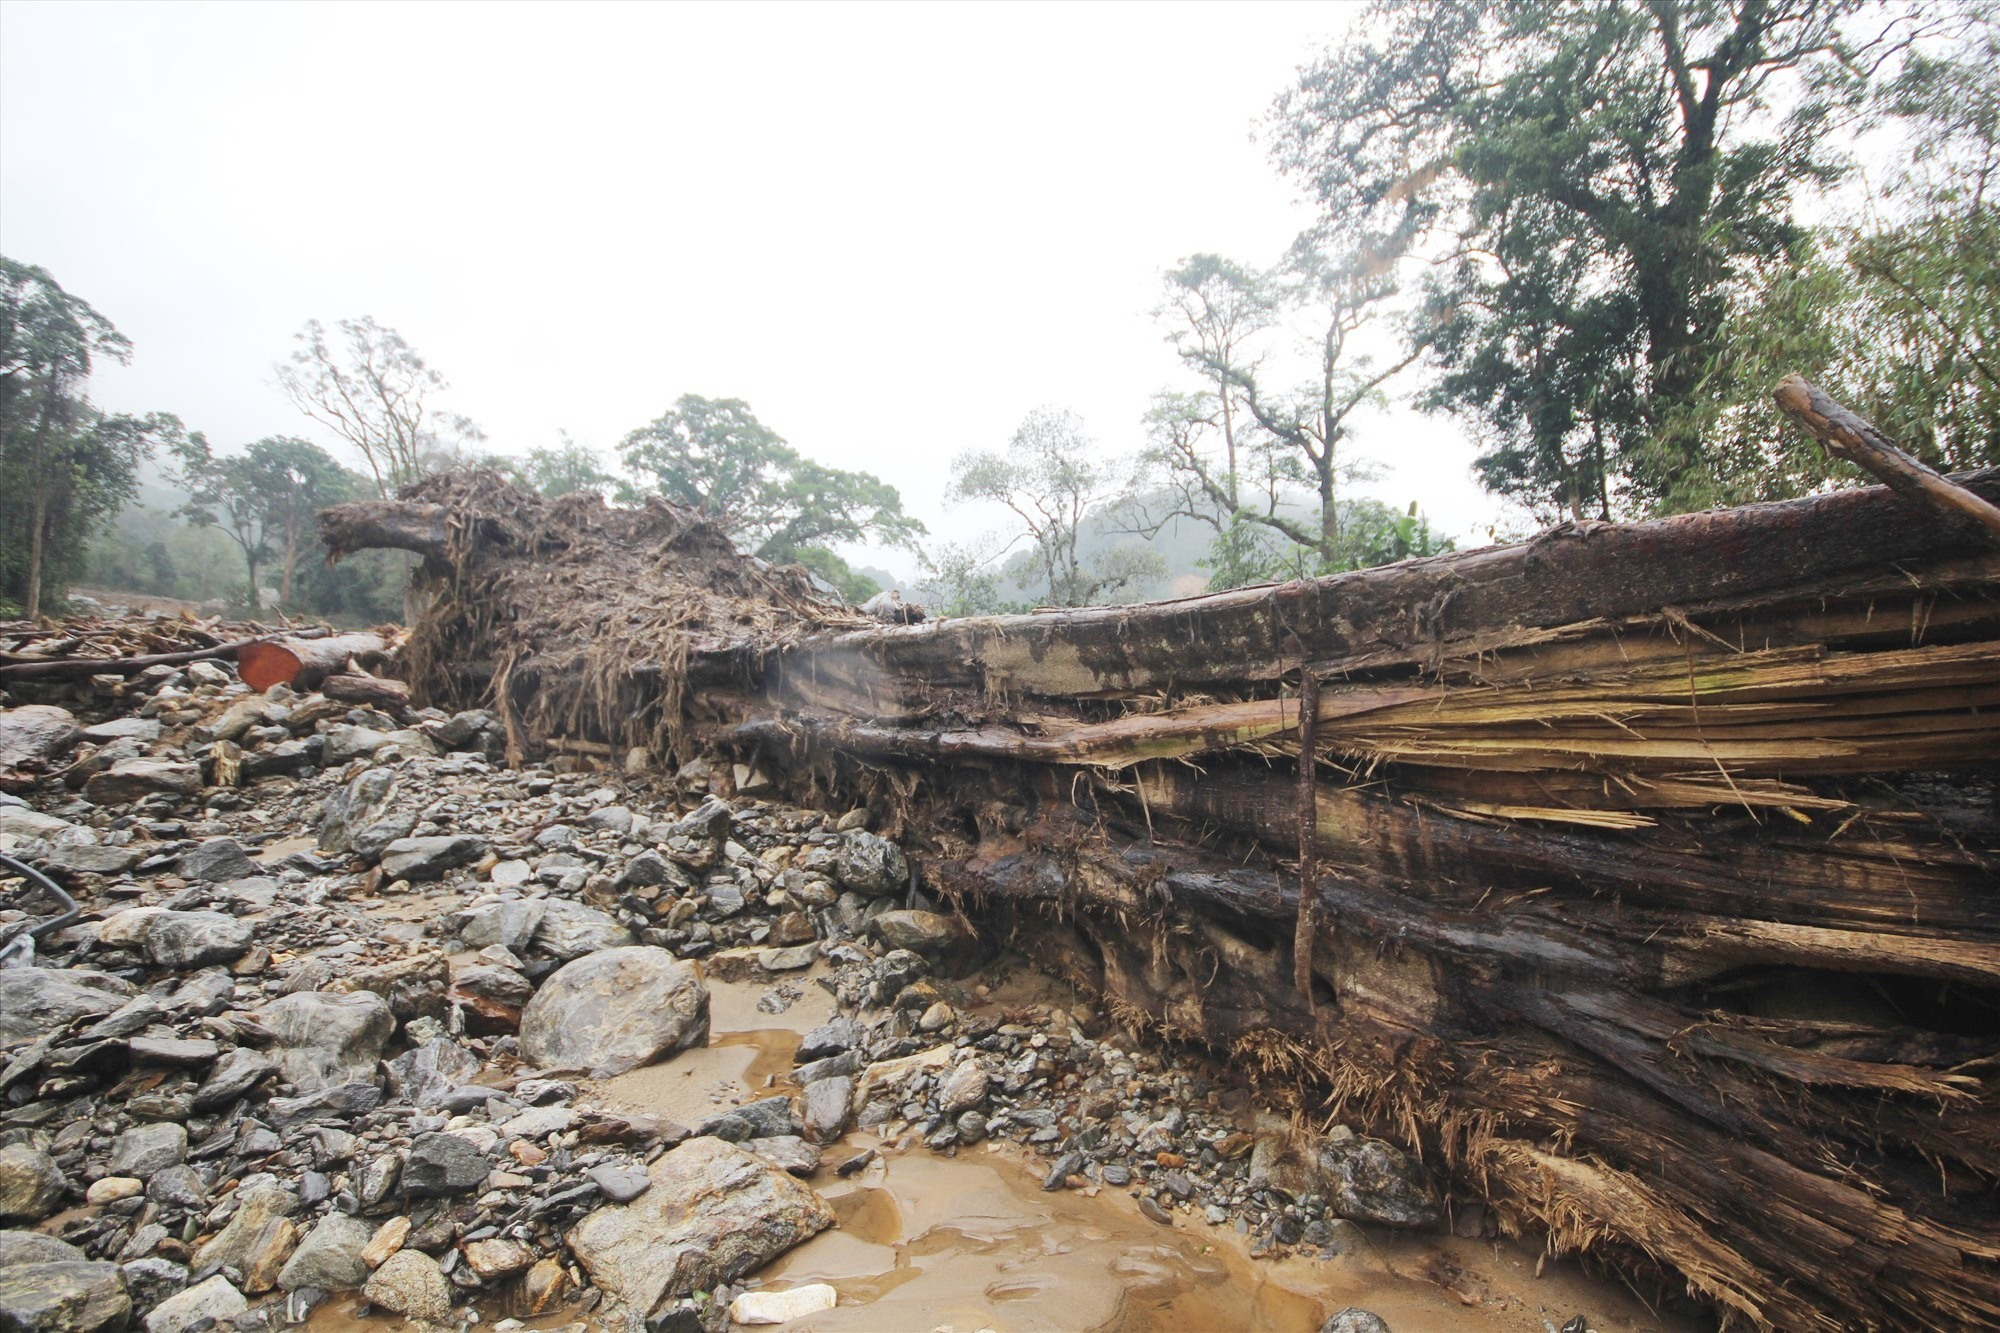 Một thân cây cổ thụ lớn bị lũ cuốn trôi xuống thôn 3. Ảnh: T.C